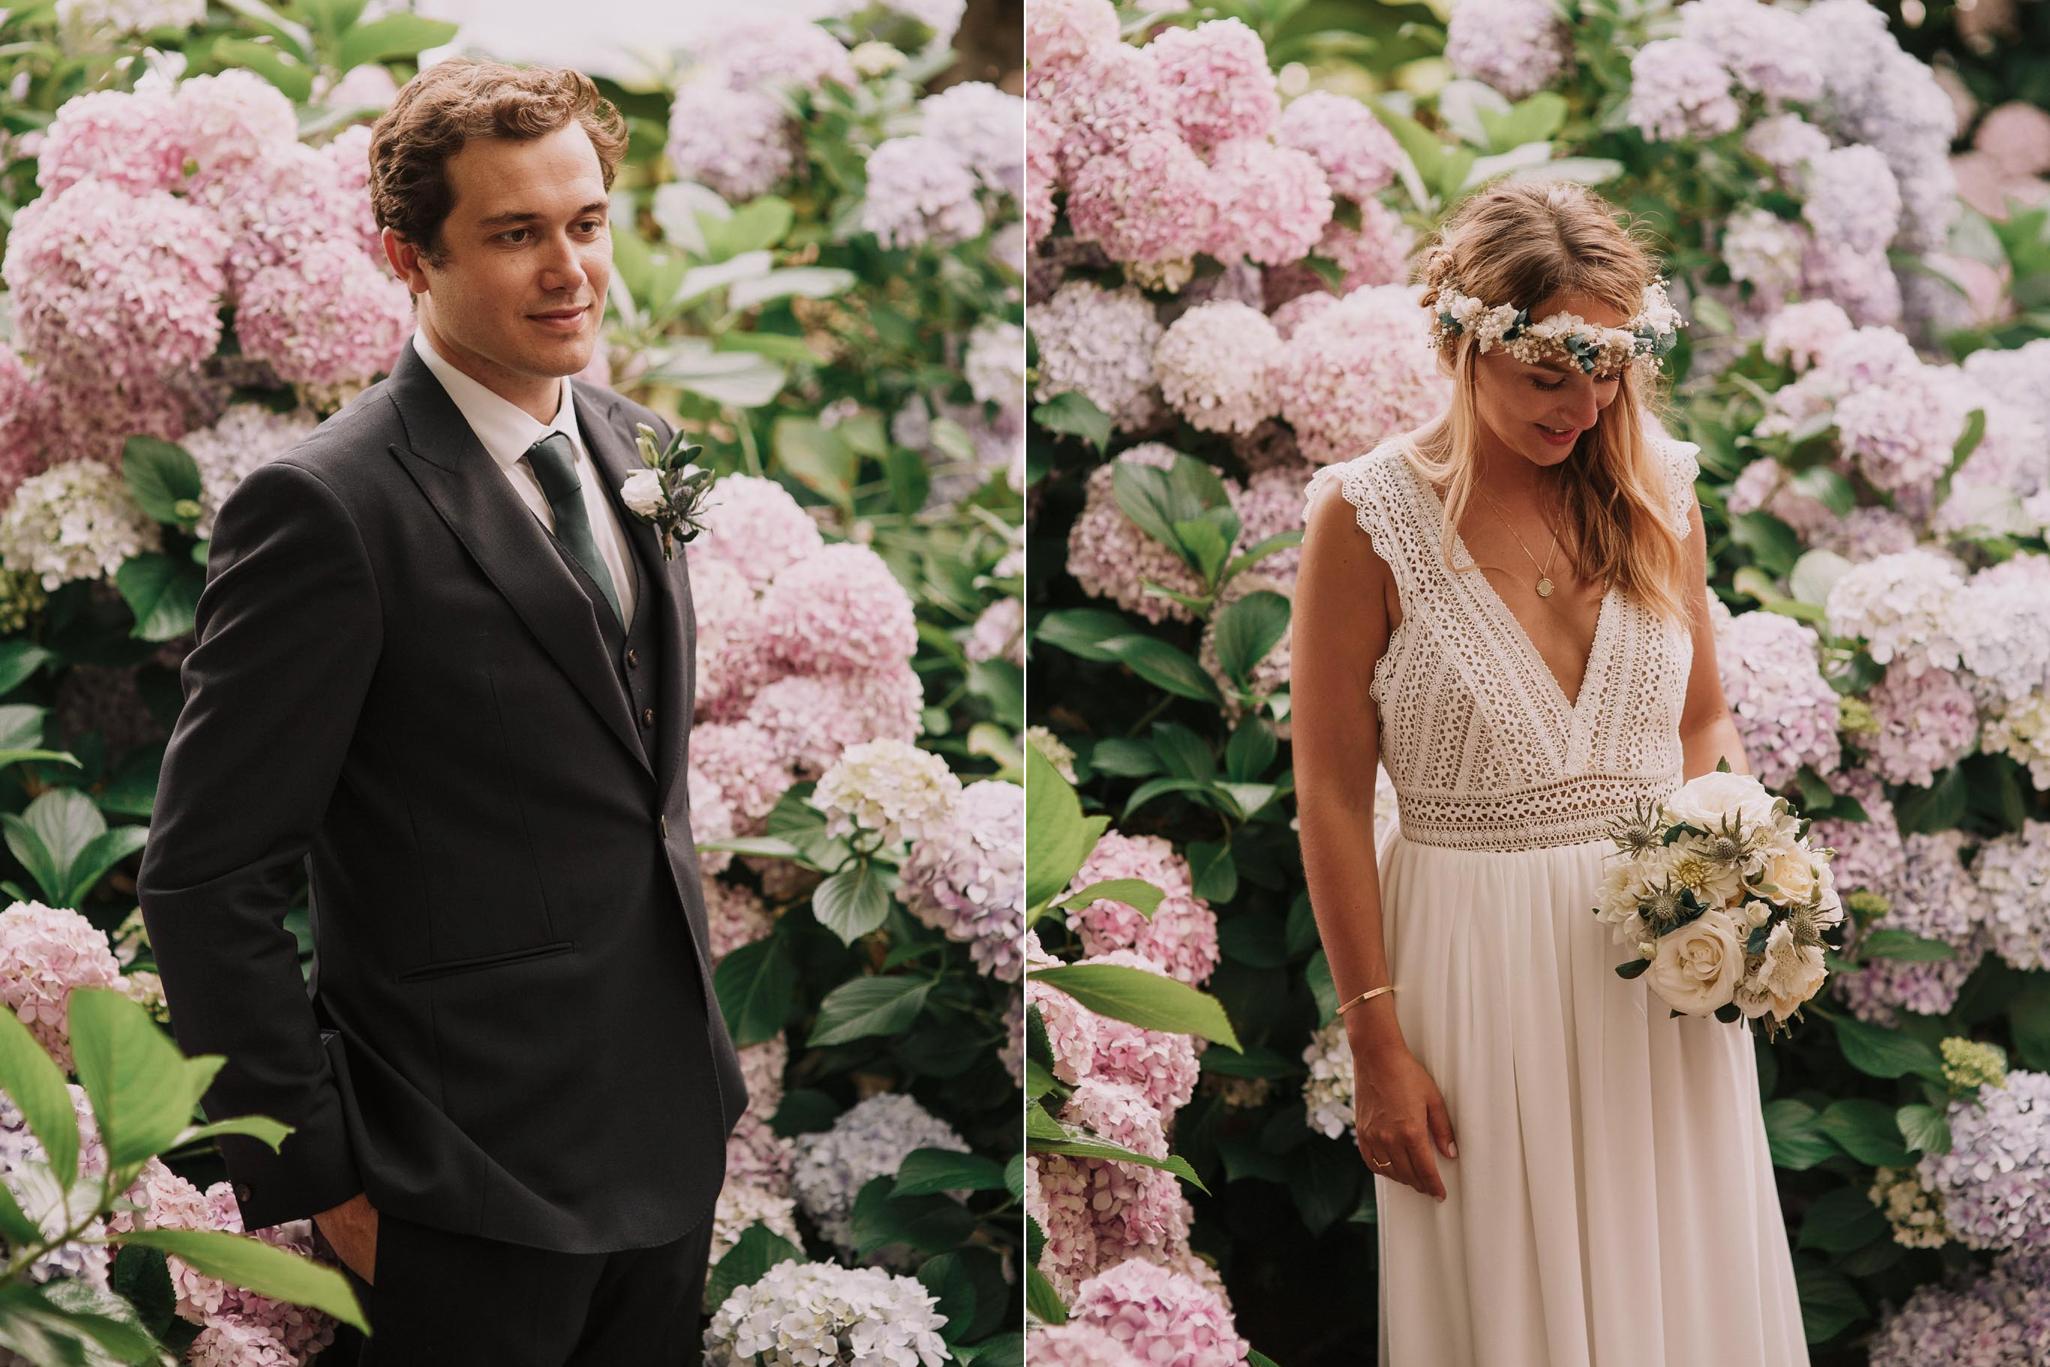 Photographe-mariage-bordeaux-jeremy-boyer-pays-basque-ihartze-artea-sare-robe-eleonore-pauc-couple-amour-110.jpg